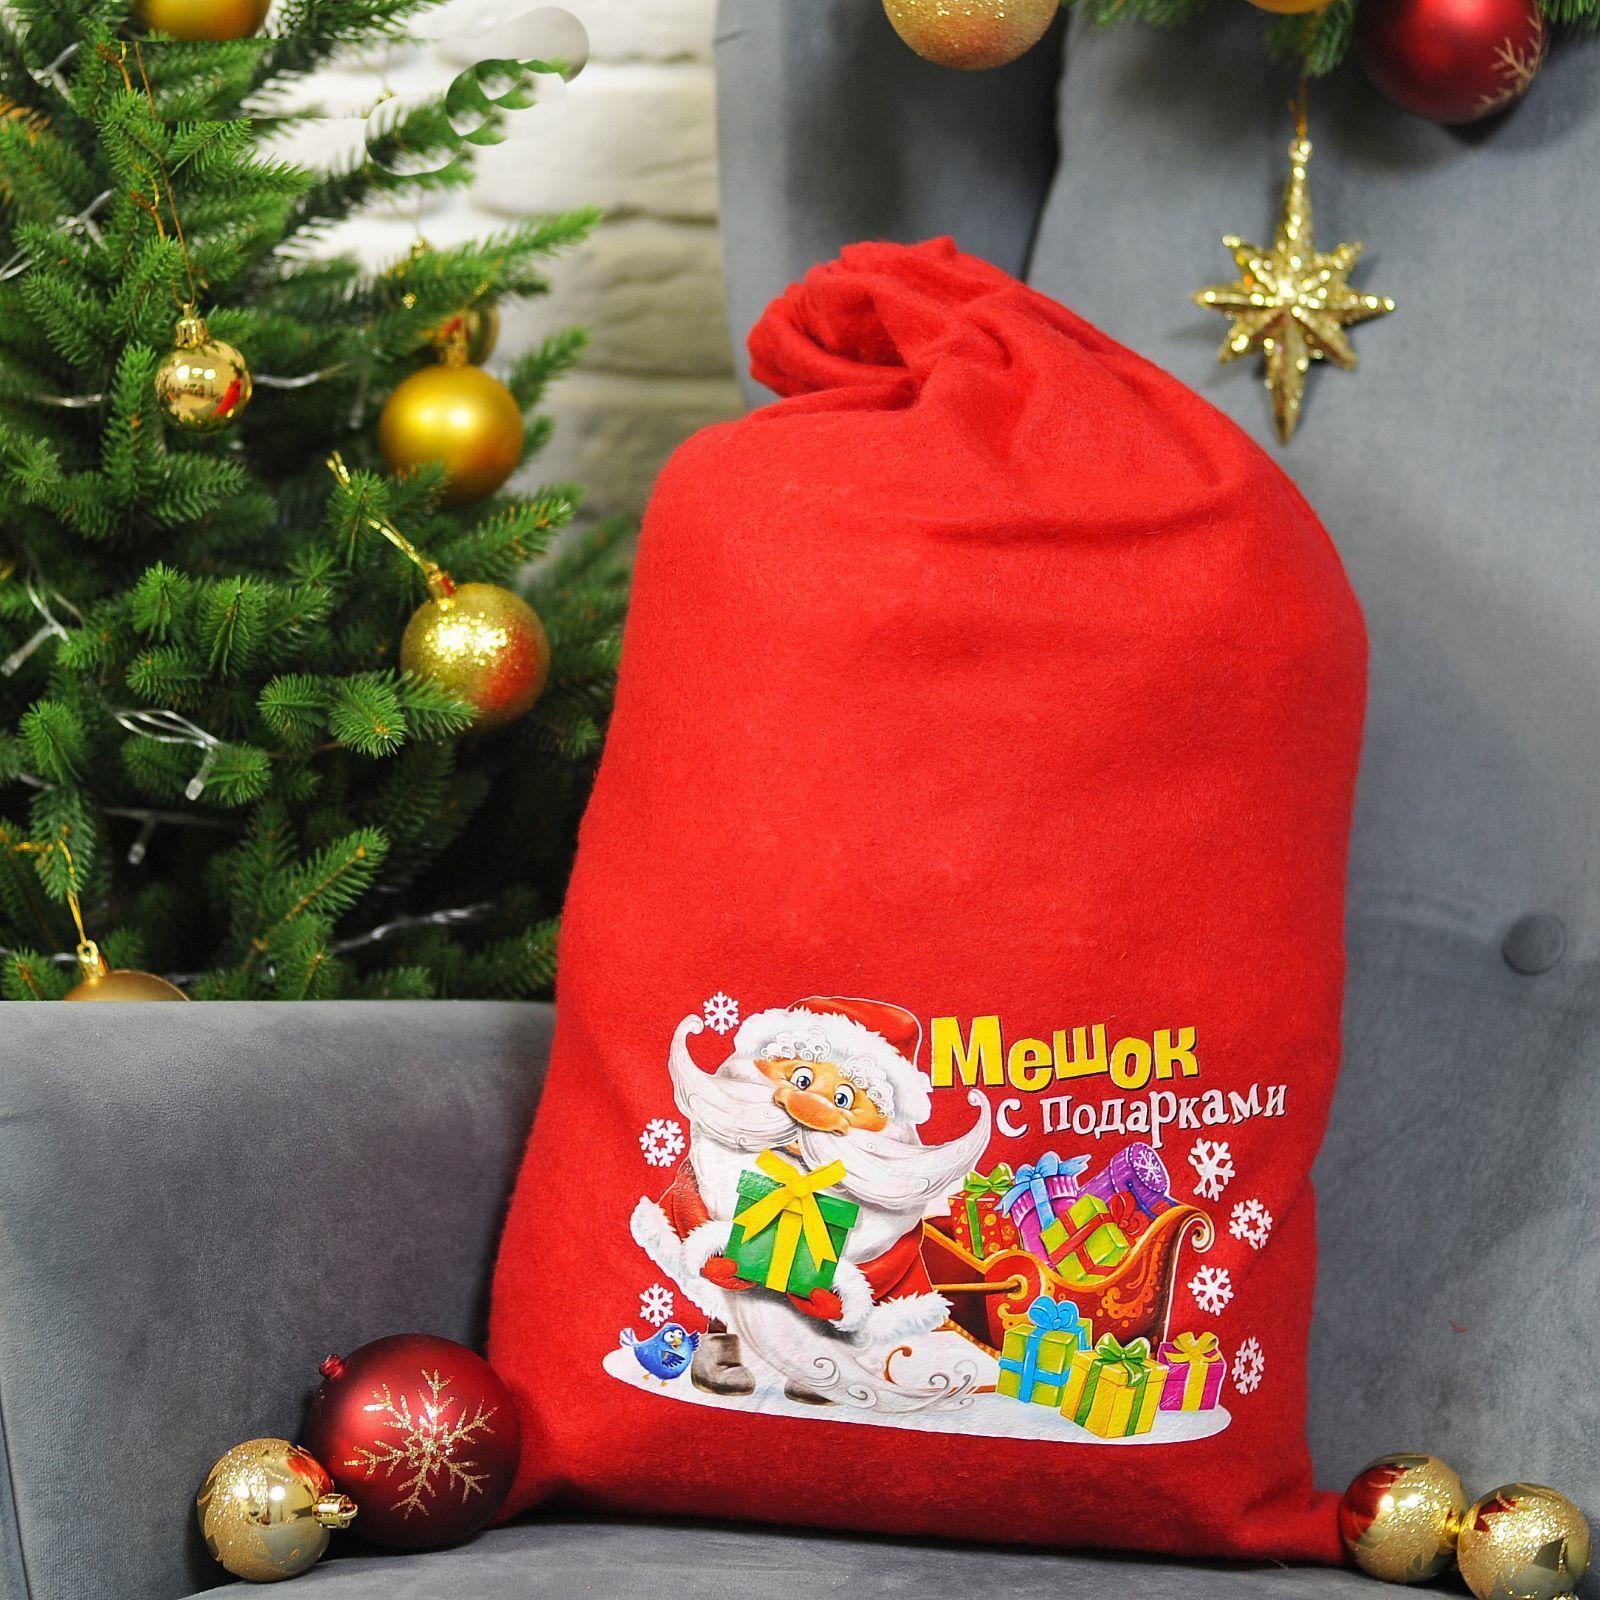 """Праздничный мешок """"Дед Мороз"""" - Мешок с подарками, 60 см"""